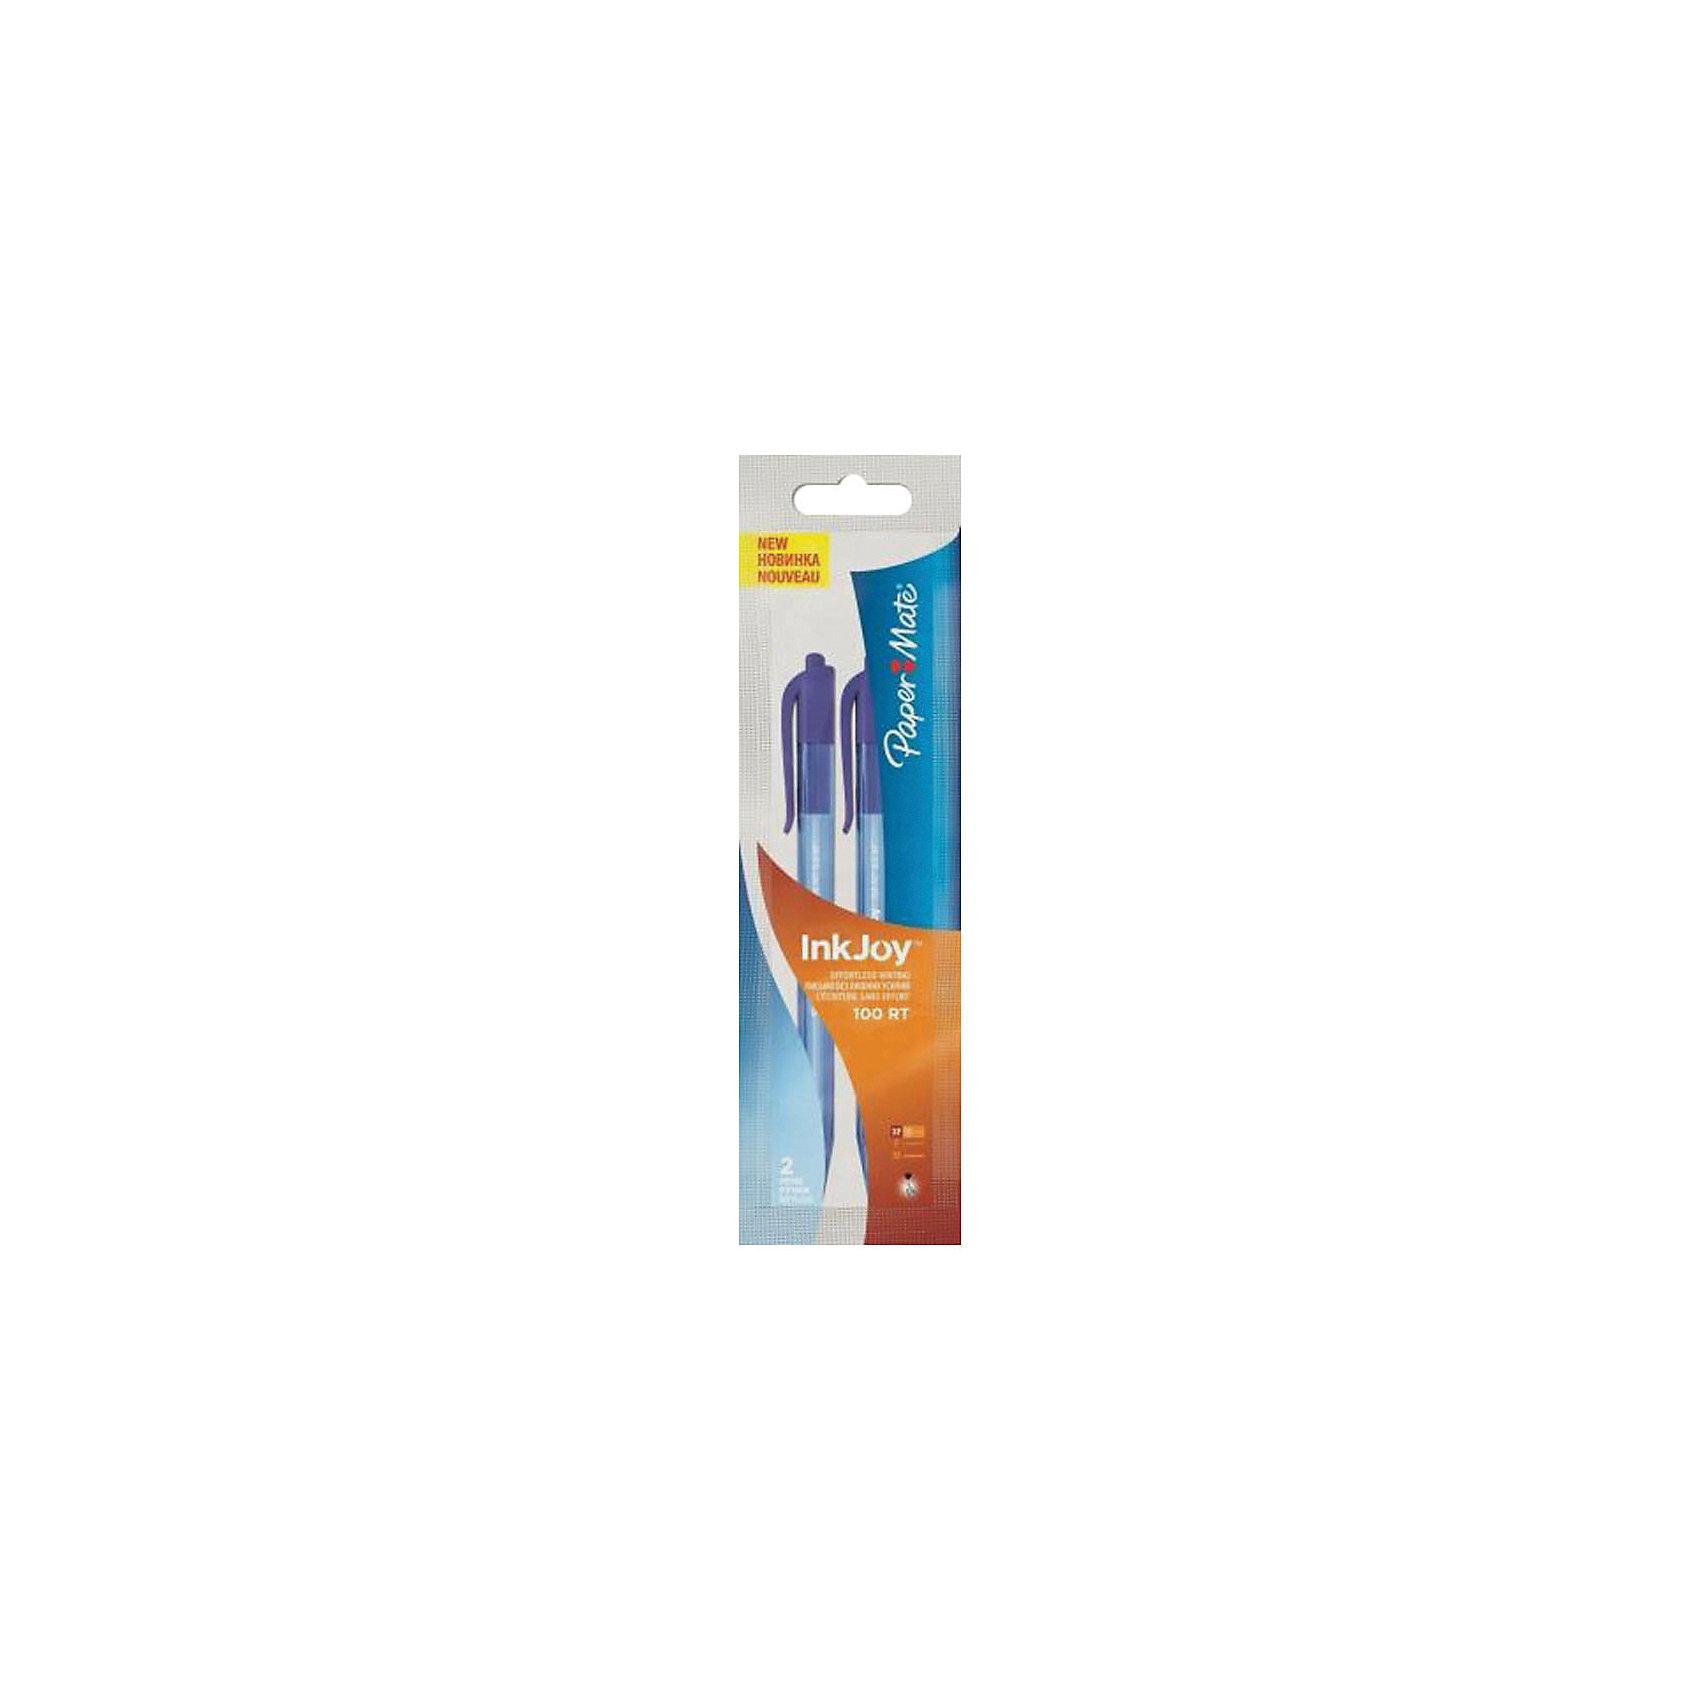 Ручка шариковая Paper mate Inkjoy, синяяПисьменные принадлежности<br>Характеристики товара:<br><br>• тип ручки: шариковая;<br>• кнопочный механизм;<br>• цвет чернил: синий;<br>• толщина линии: 0,5 мм;<br>• размер упаковки: 1х3х17 см;<br>• вес: 15 грамм;<br>• возраст: от 3 лет.<br><br>С шариковой ручкой INK JOY гарантировано комфортное и качественное письмо. Ручка не требует расписывания, пишет без пропусков и пробелов. Чернила равномерно ложатся на поверхность, оставляя мягкие аккуратные линии, которые быстро высыхают.<br><br>PAPER MATE (Пэйпер Мэйт) Ручку шариковую  INK JOY можно купить в нашем интернет-магазине.<br><br>Ширина мм: 170<br>Глубина мм: 30<br>Высота мм: 10<br>Вес г: 15<br>Возраст от месяцев: 36<br>Возраст до месяцев: 2147483647<br>Пол: Унисекс<br>Возраст: Детский<br>SKU: 6884879